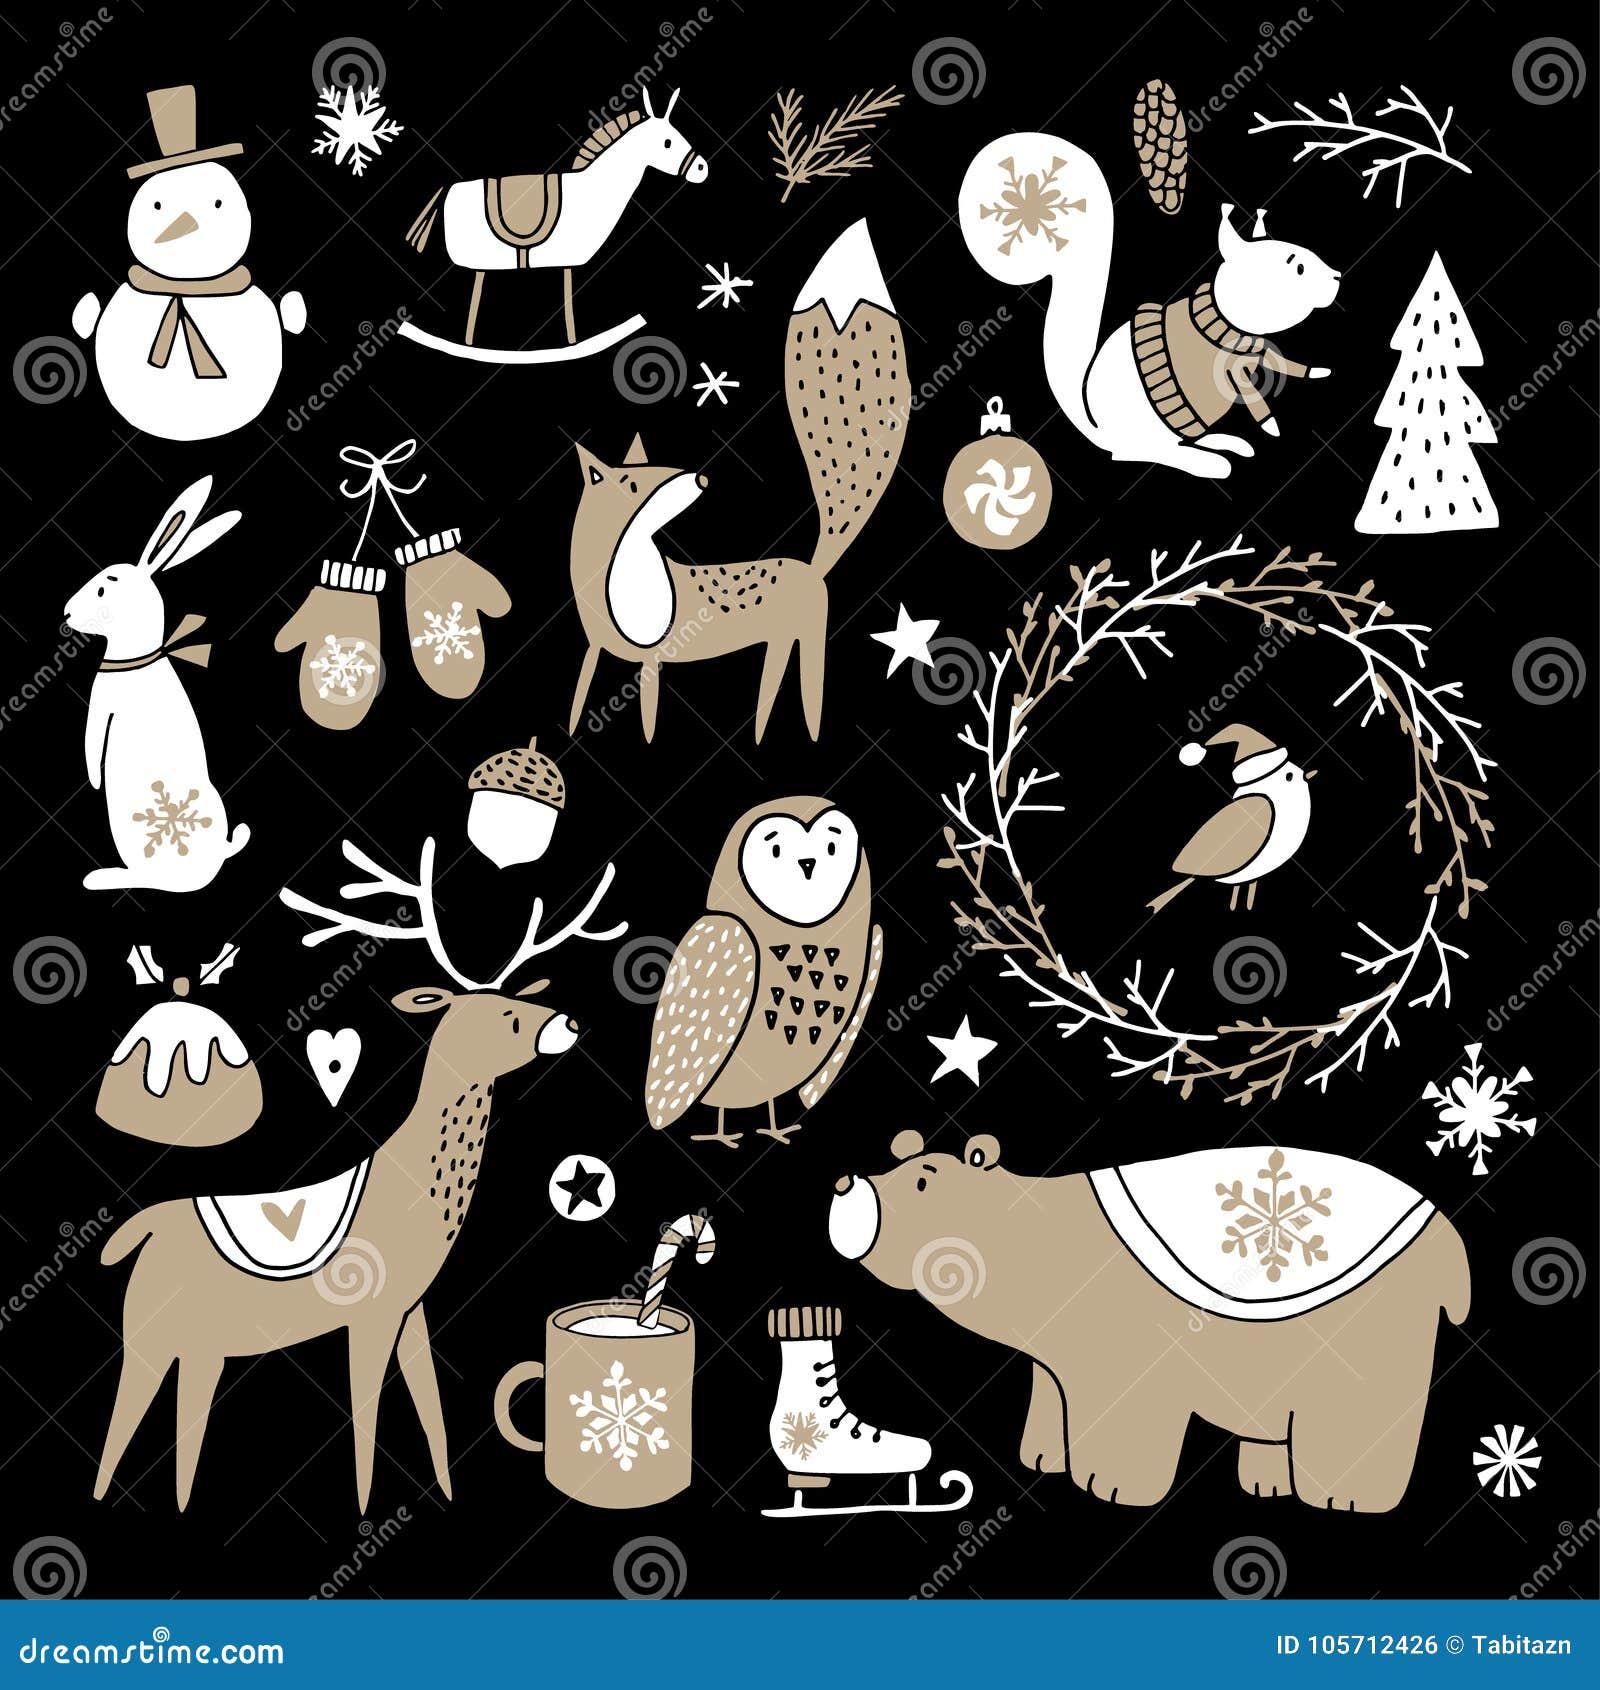 Satz nette Gekritzelskizzen Weihnachtscliparte des Bären, des Häschens, des Rens, des Fuchses, der Eule, des Eichhörnchens und de